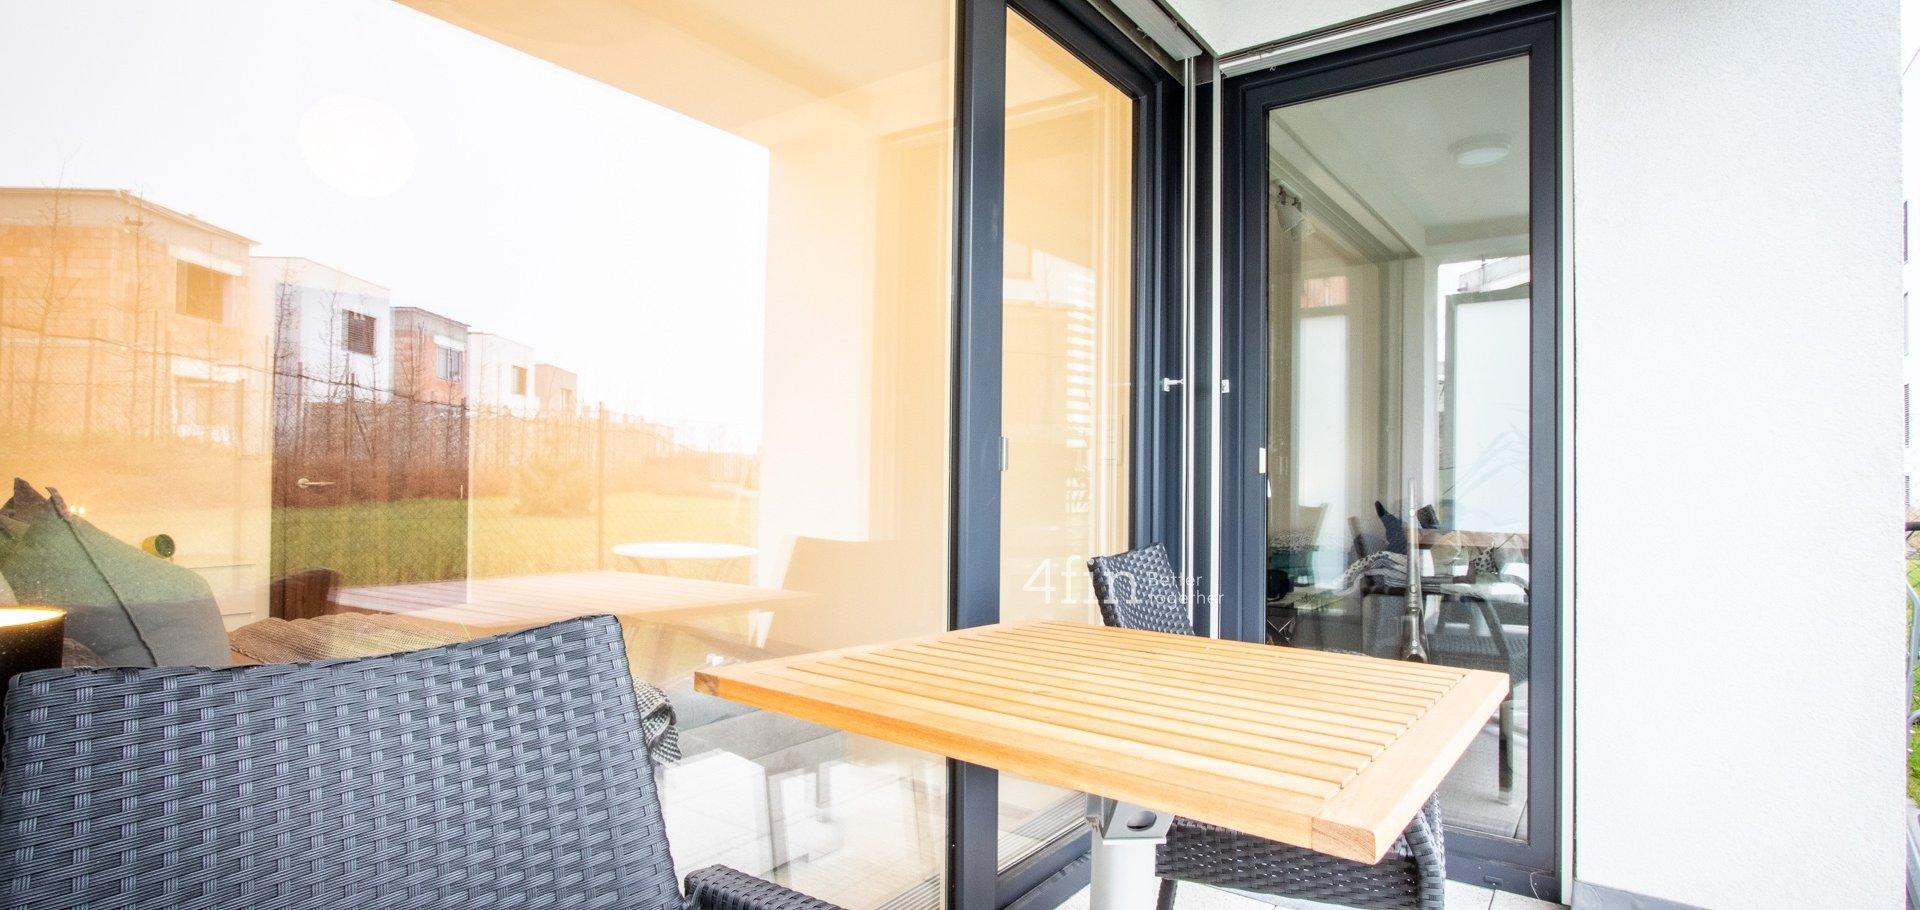 Slunný byt se zahrádkou na jižních svazích území Sadová